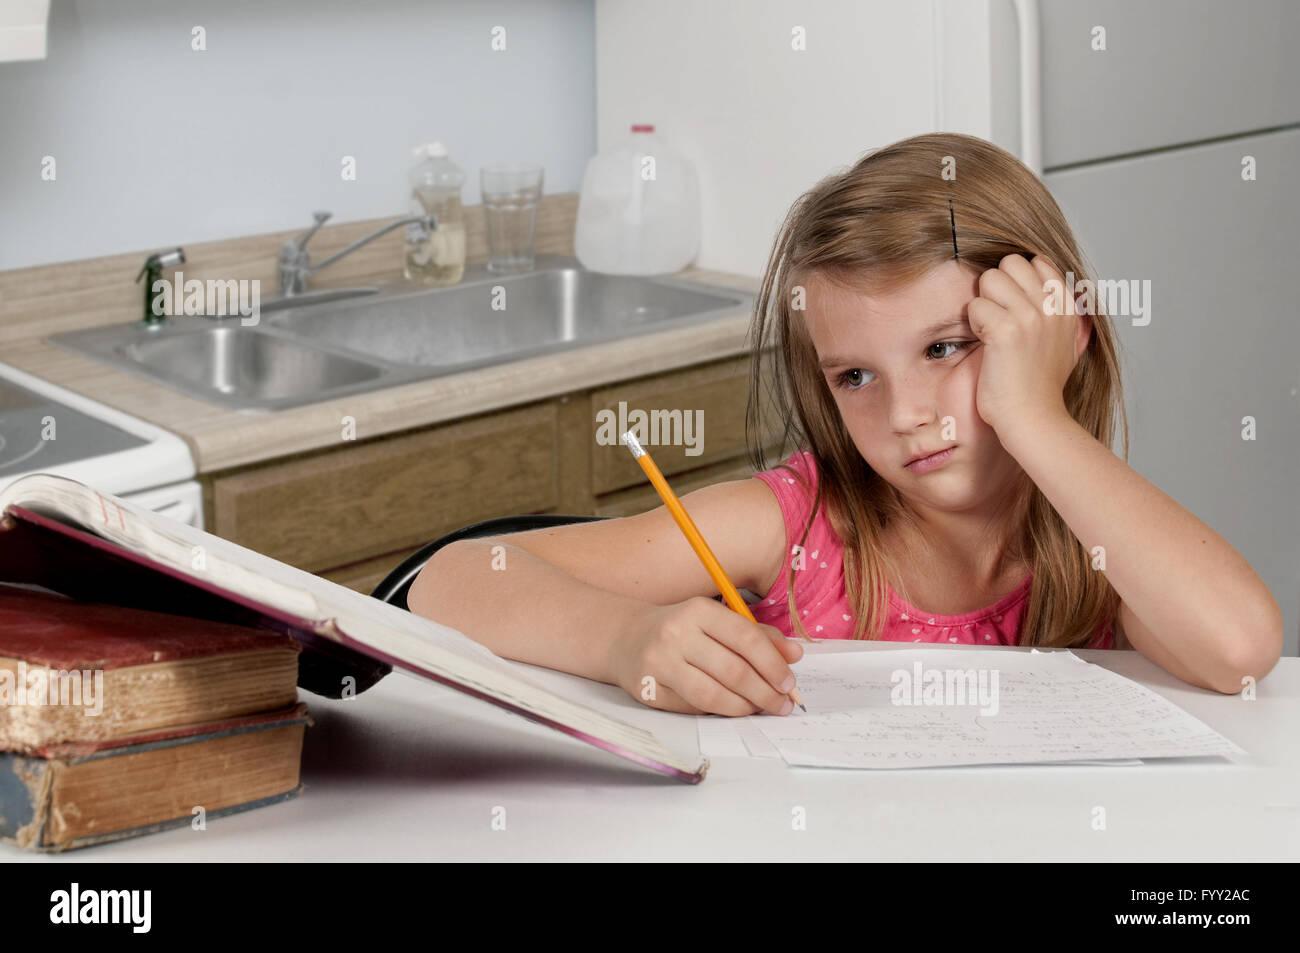 Girl Doing Homework - Stock Image